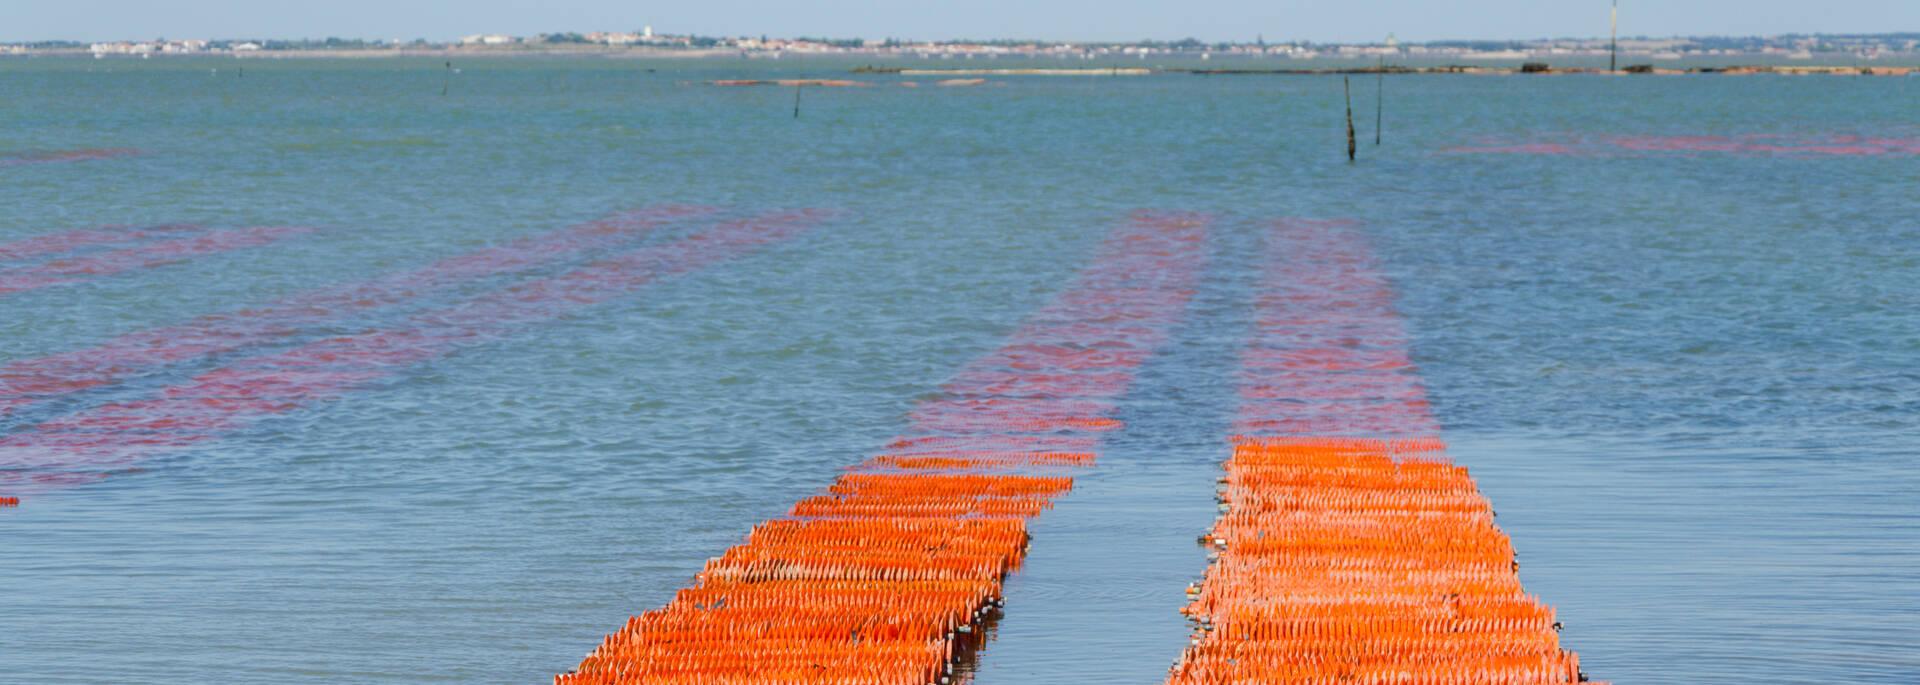 Collecteurs d'huîtres sur table, visibles à marée basse à Fouras  - © Dfred Photographie